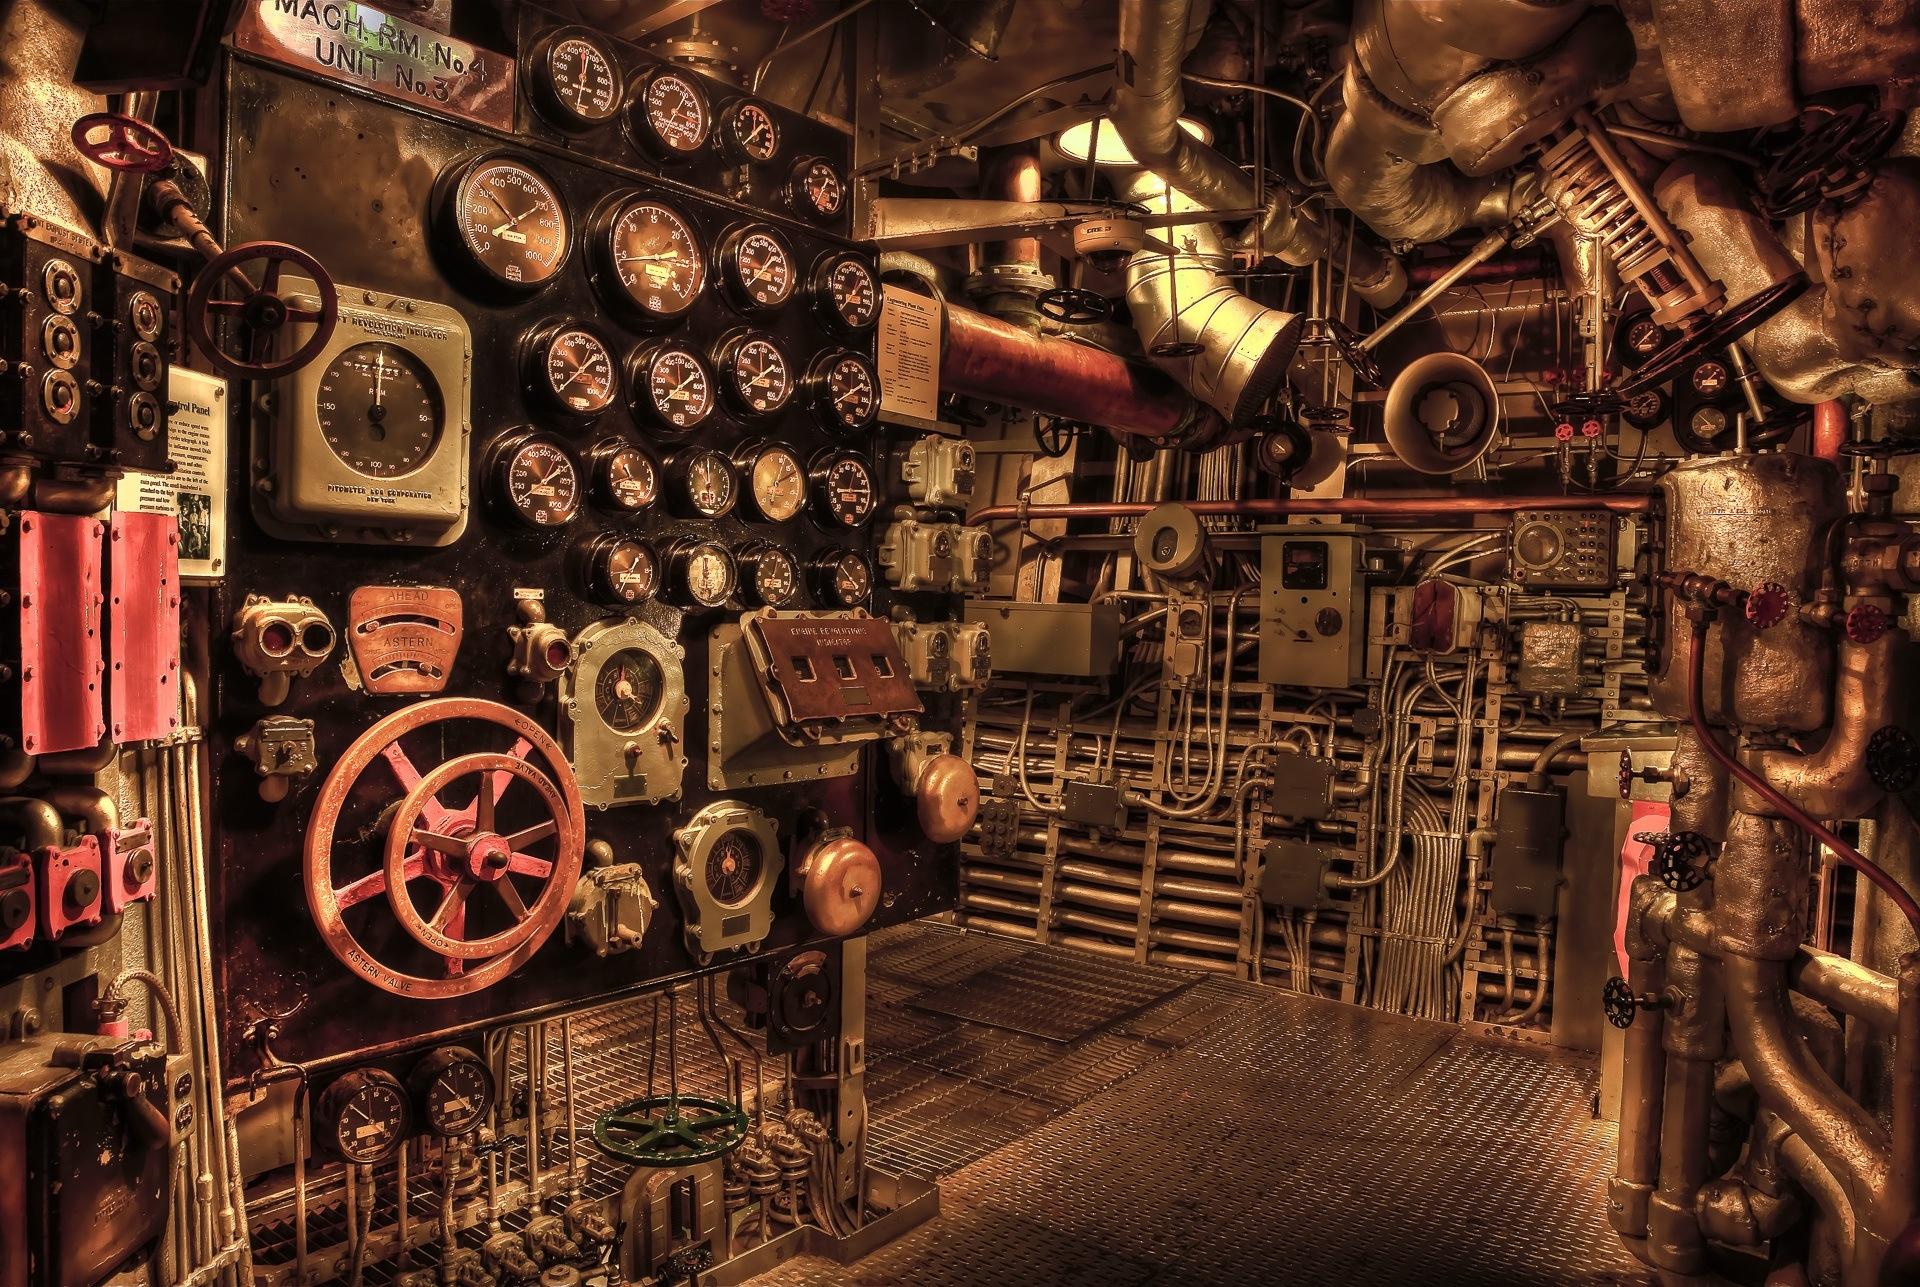 sala de máquinas, válvulas, engranajes, llaves, máquina - Fondo de Pantalla HD - professor-falken.com